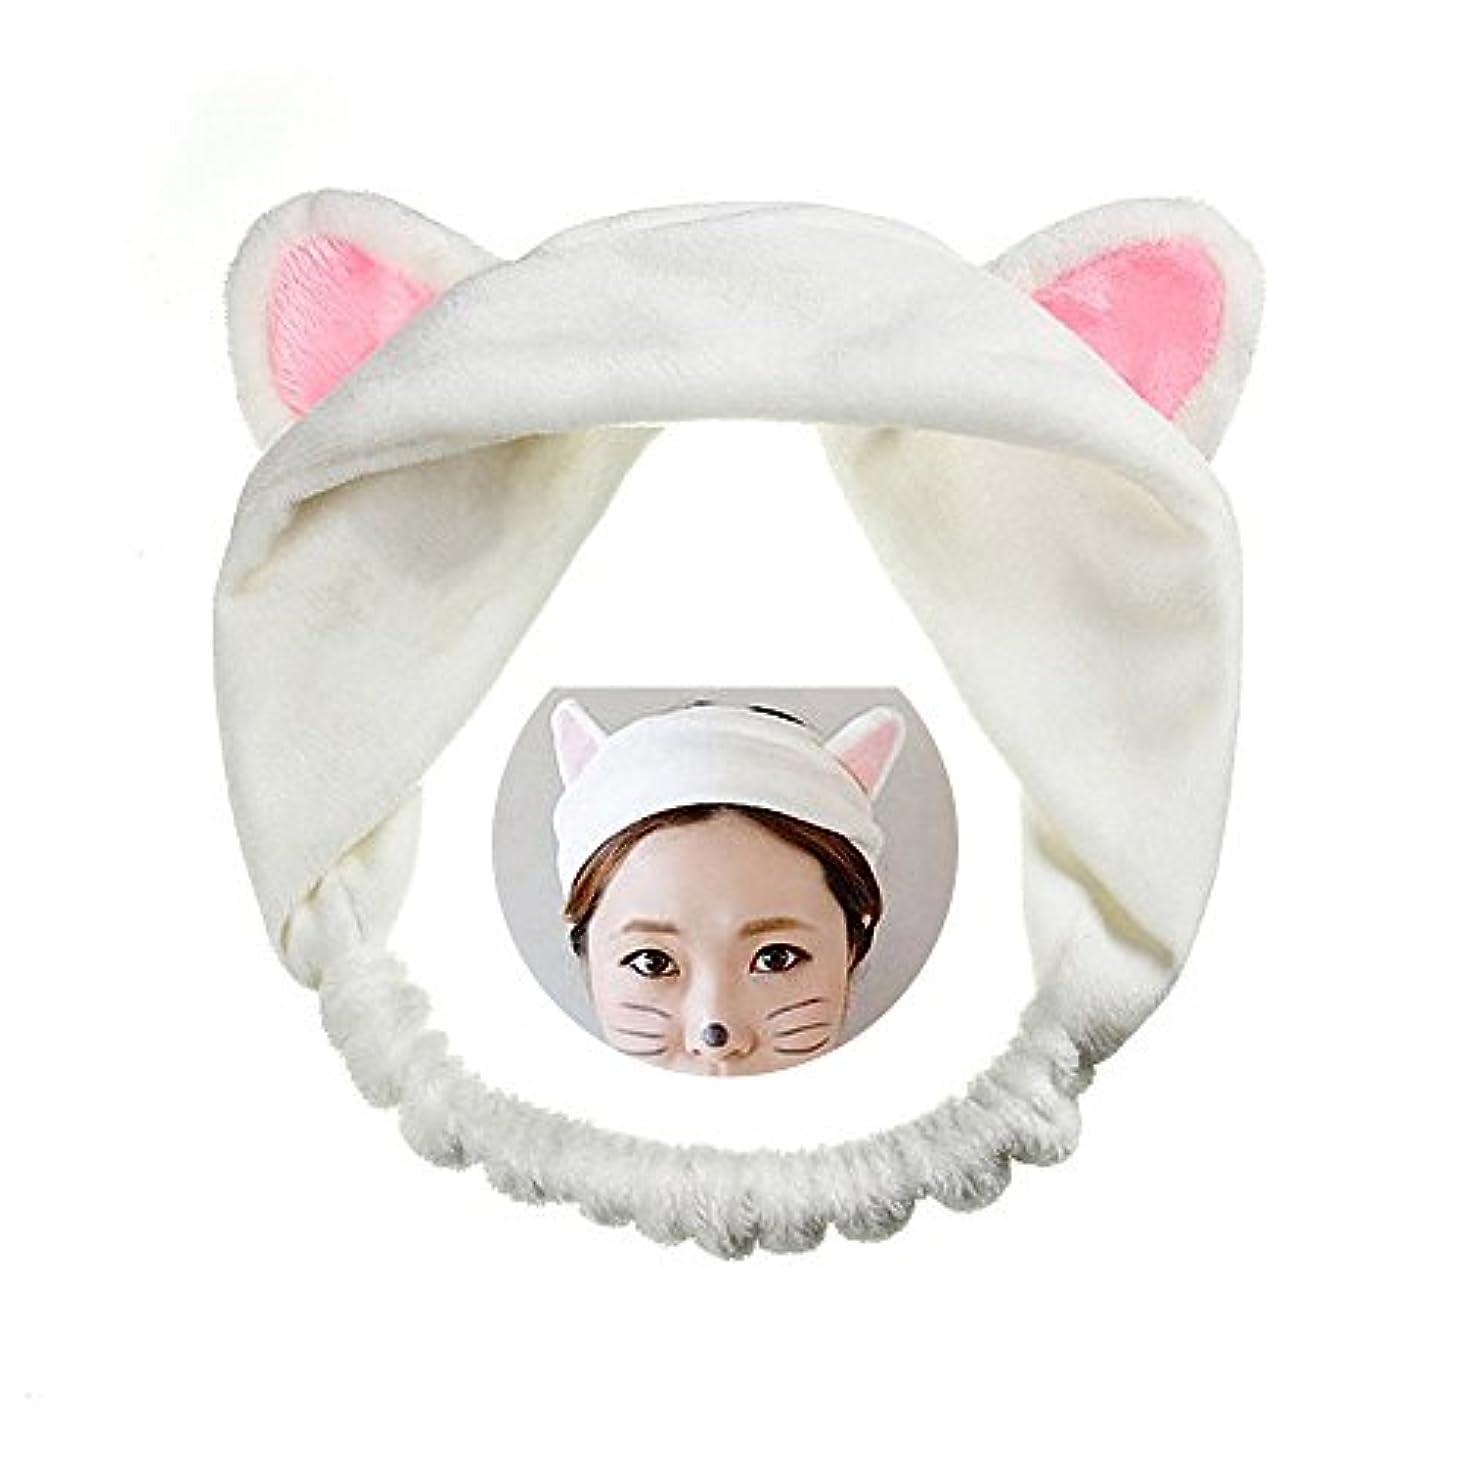 美しい掻く革命可愛い 猫 耳 ヘアバンド メイク アップ フェイス マスク スポーツ カチューシャ 髪型 ホワイト